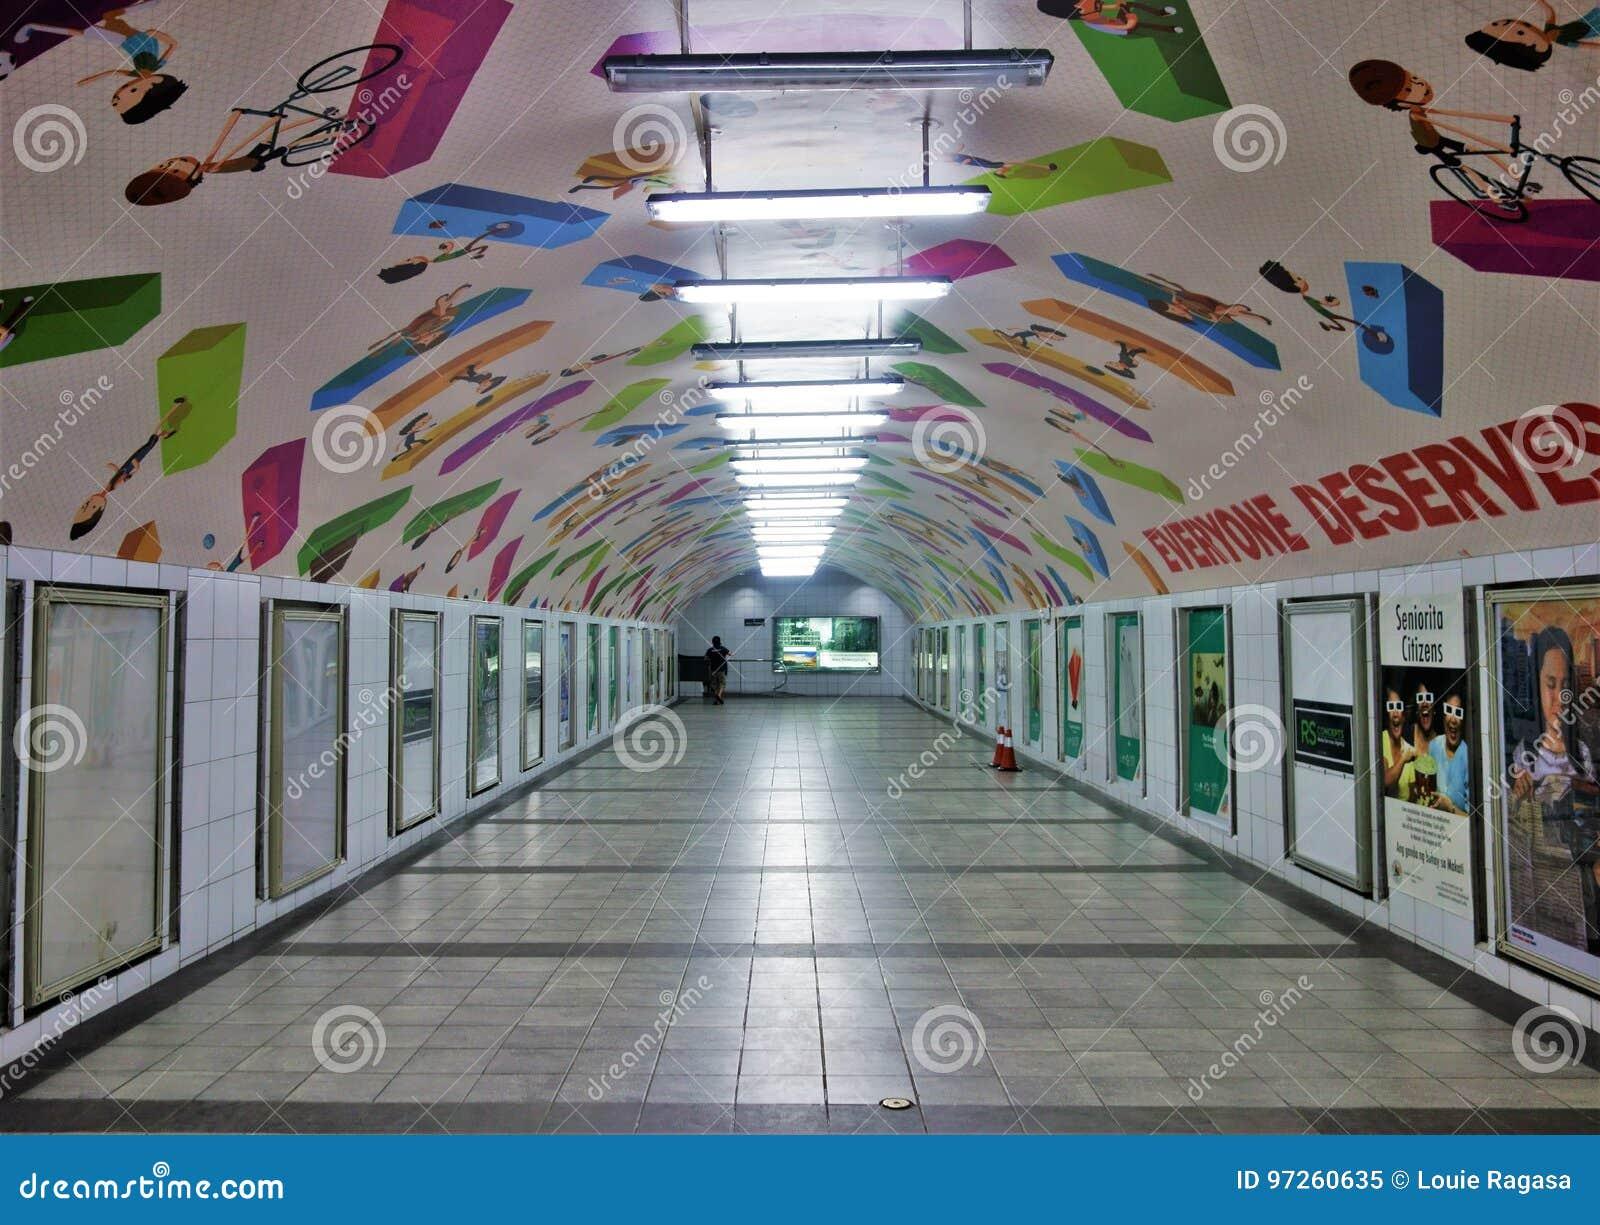 Underjordisk tunnel med det konst målade taket